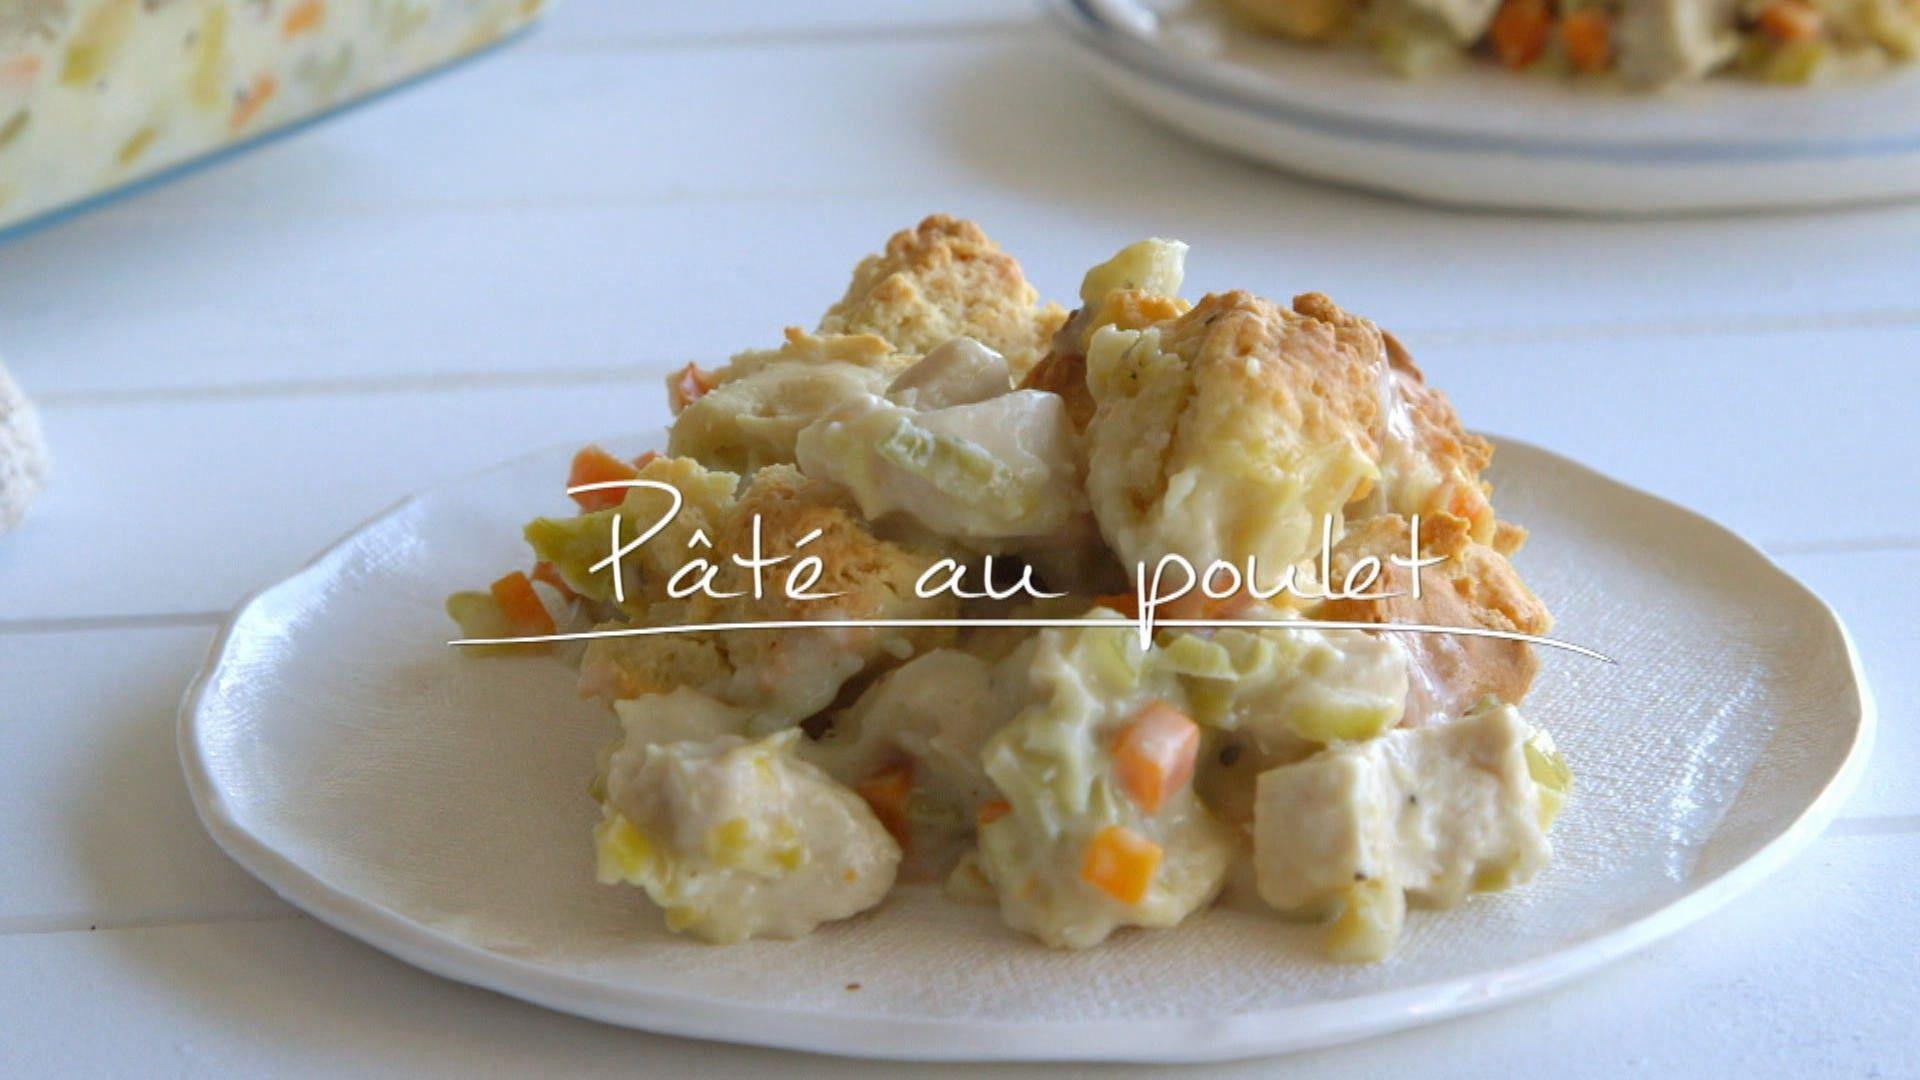 Pâté au poulet   Recipe   Food, Cooking recipes, Recipes